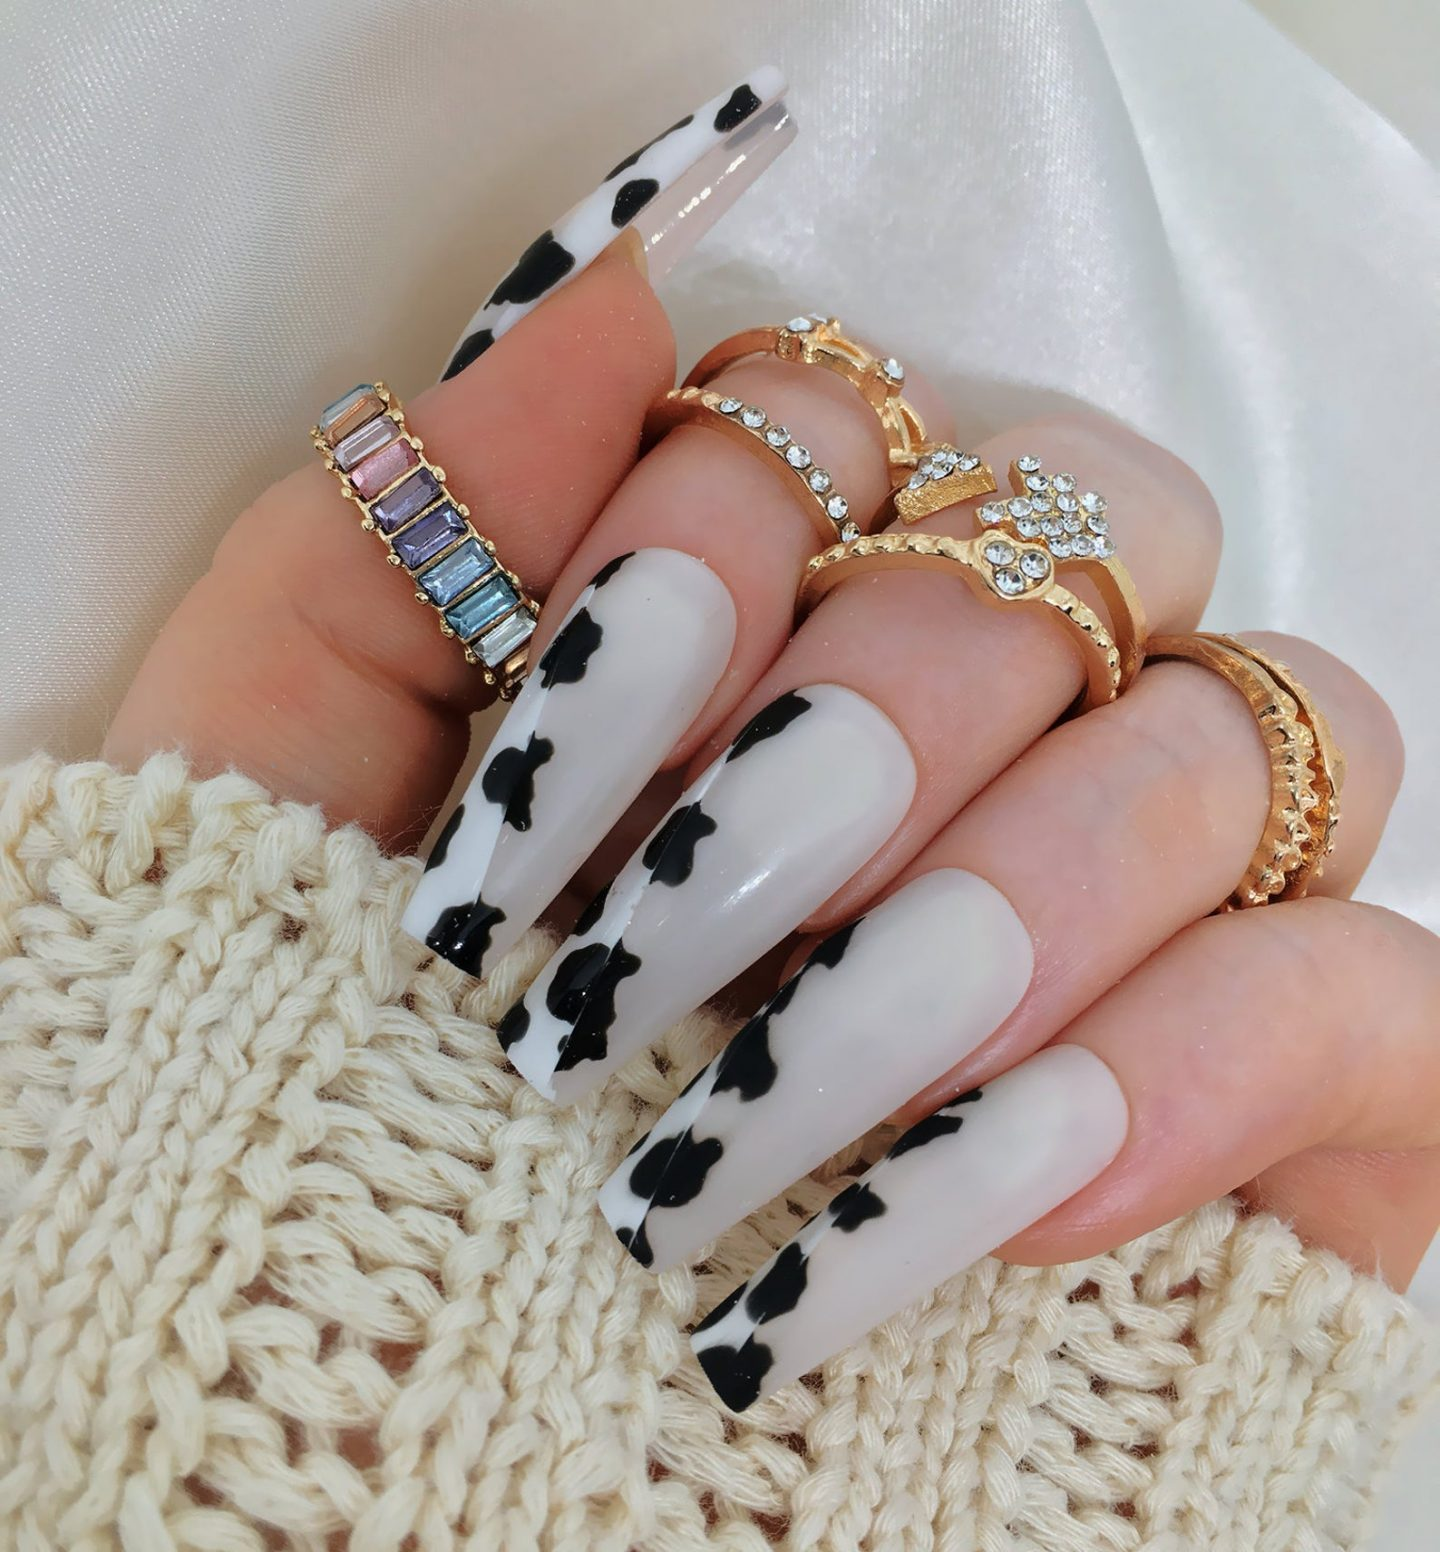 Cute cow print coffin nails